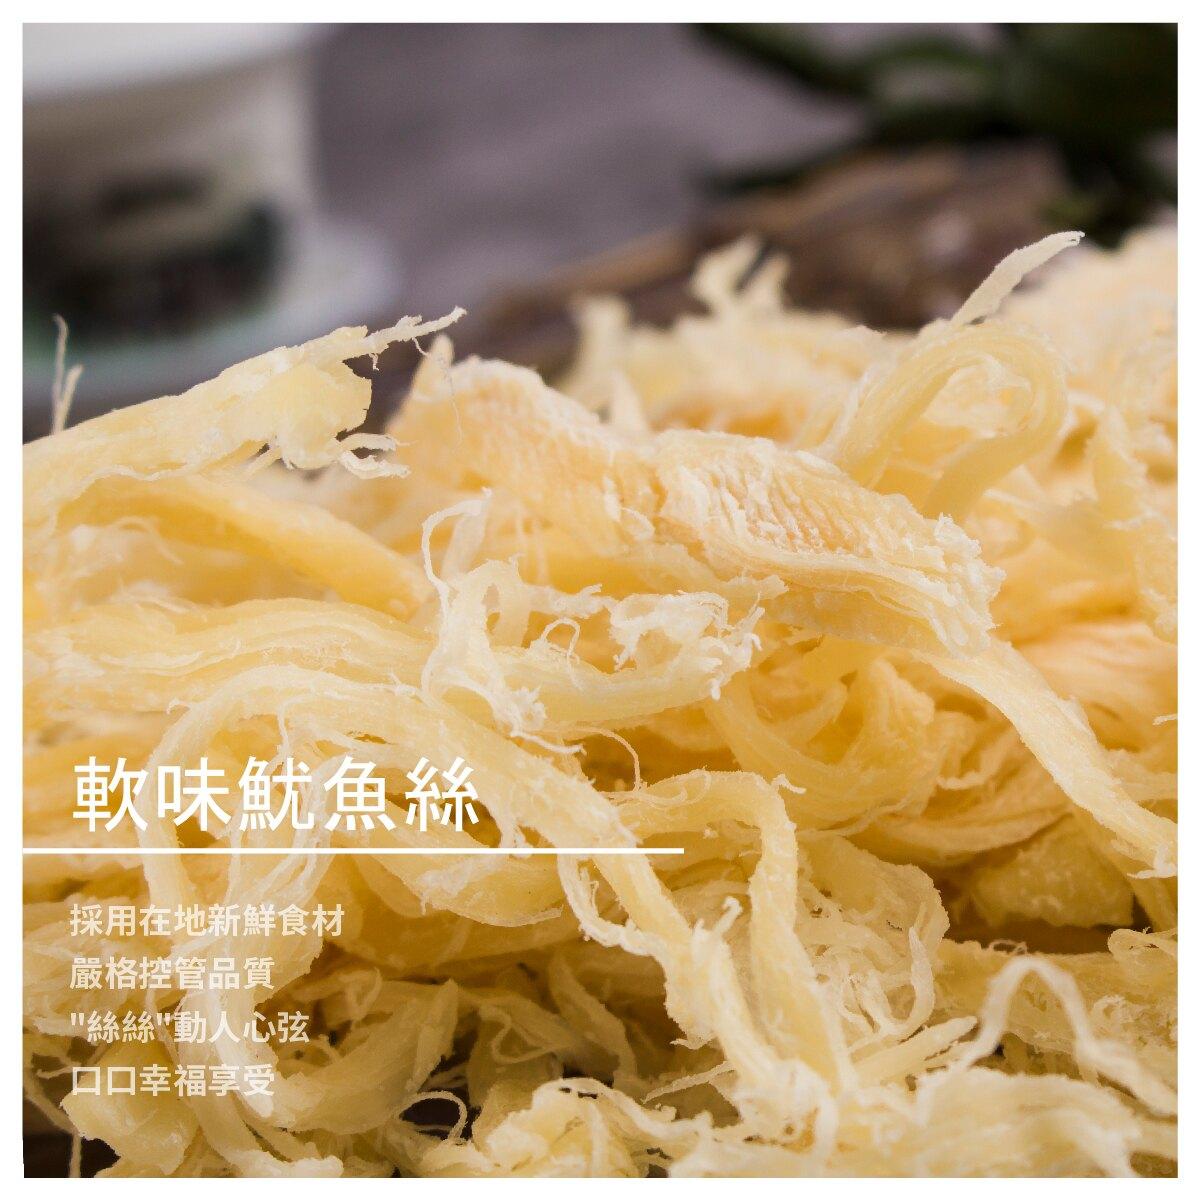 【信興名產行】軟味魷魚絲